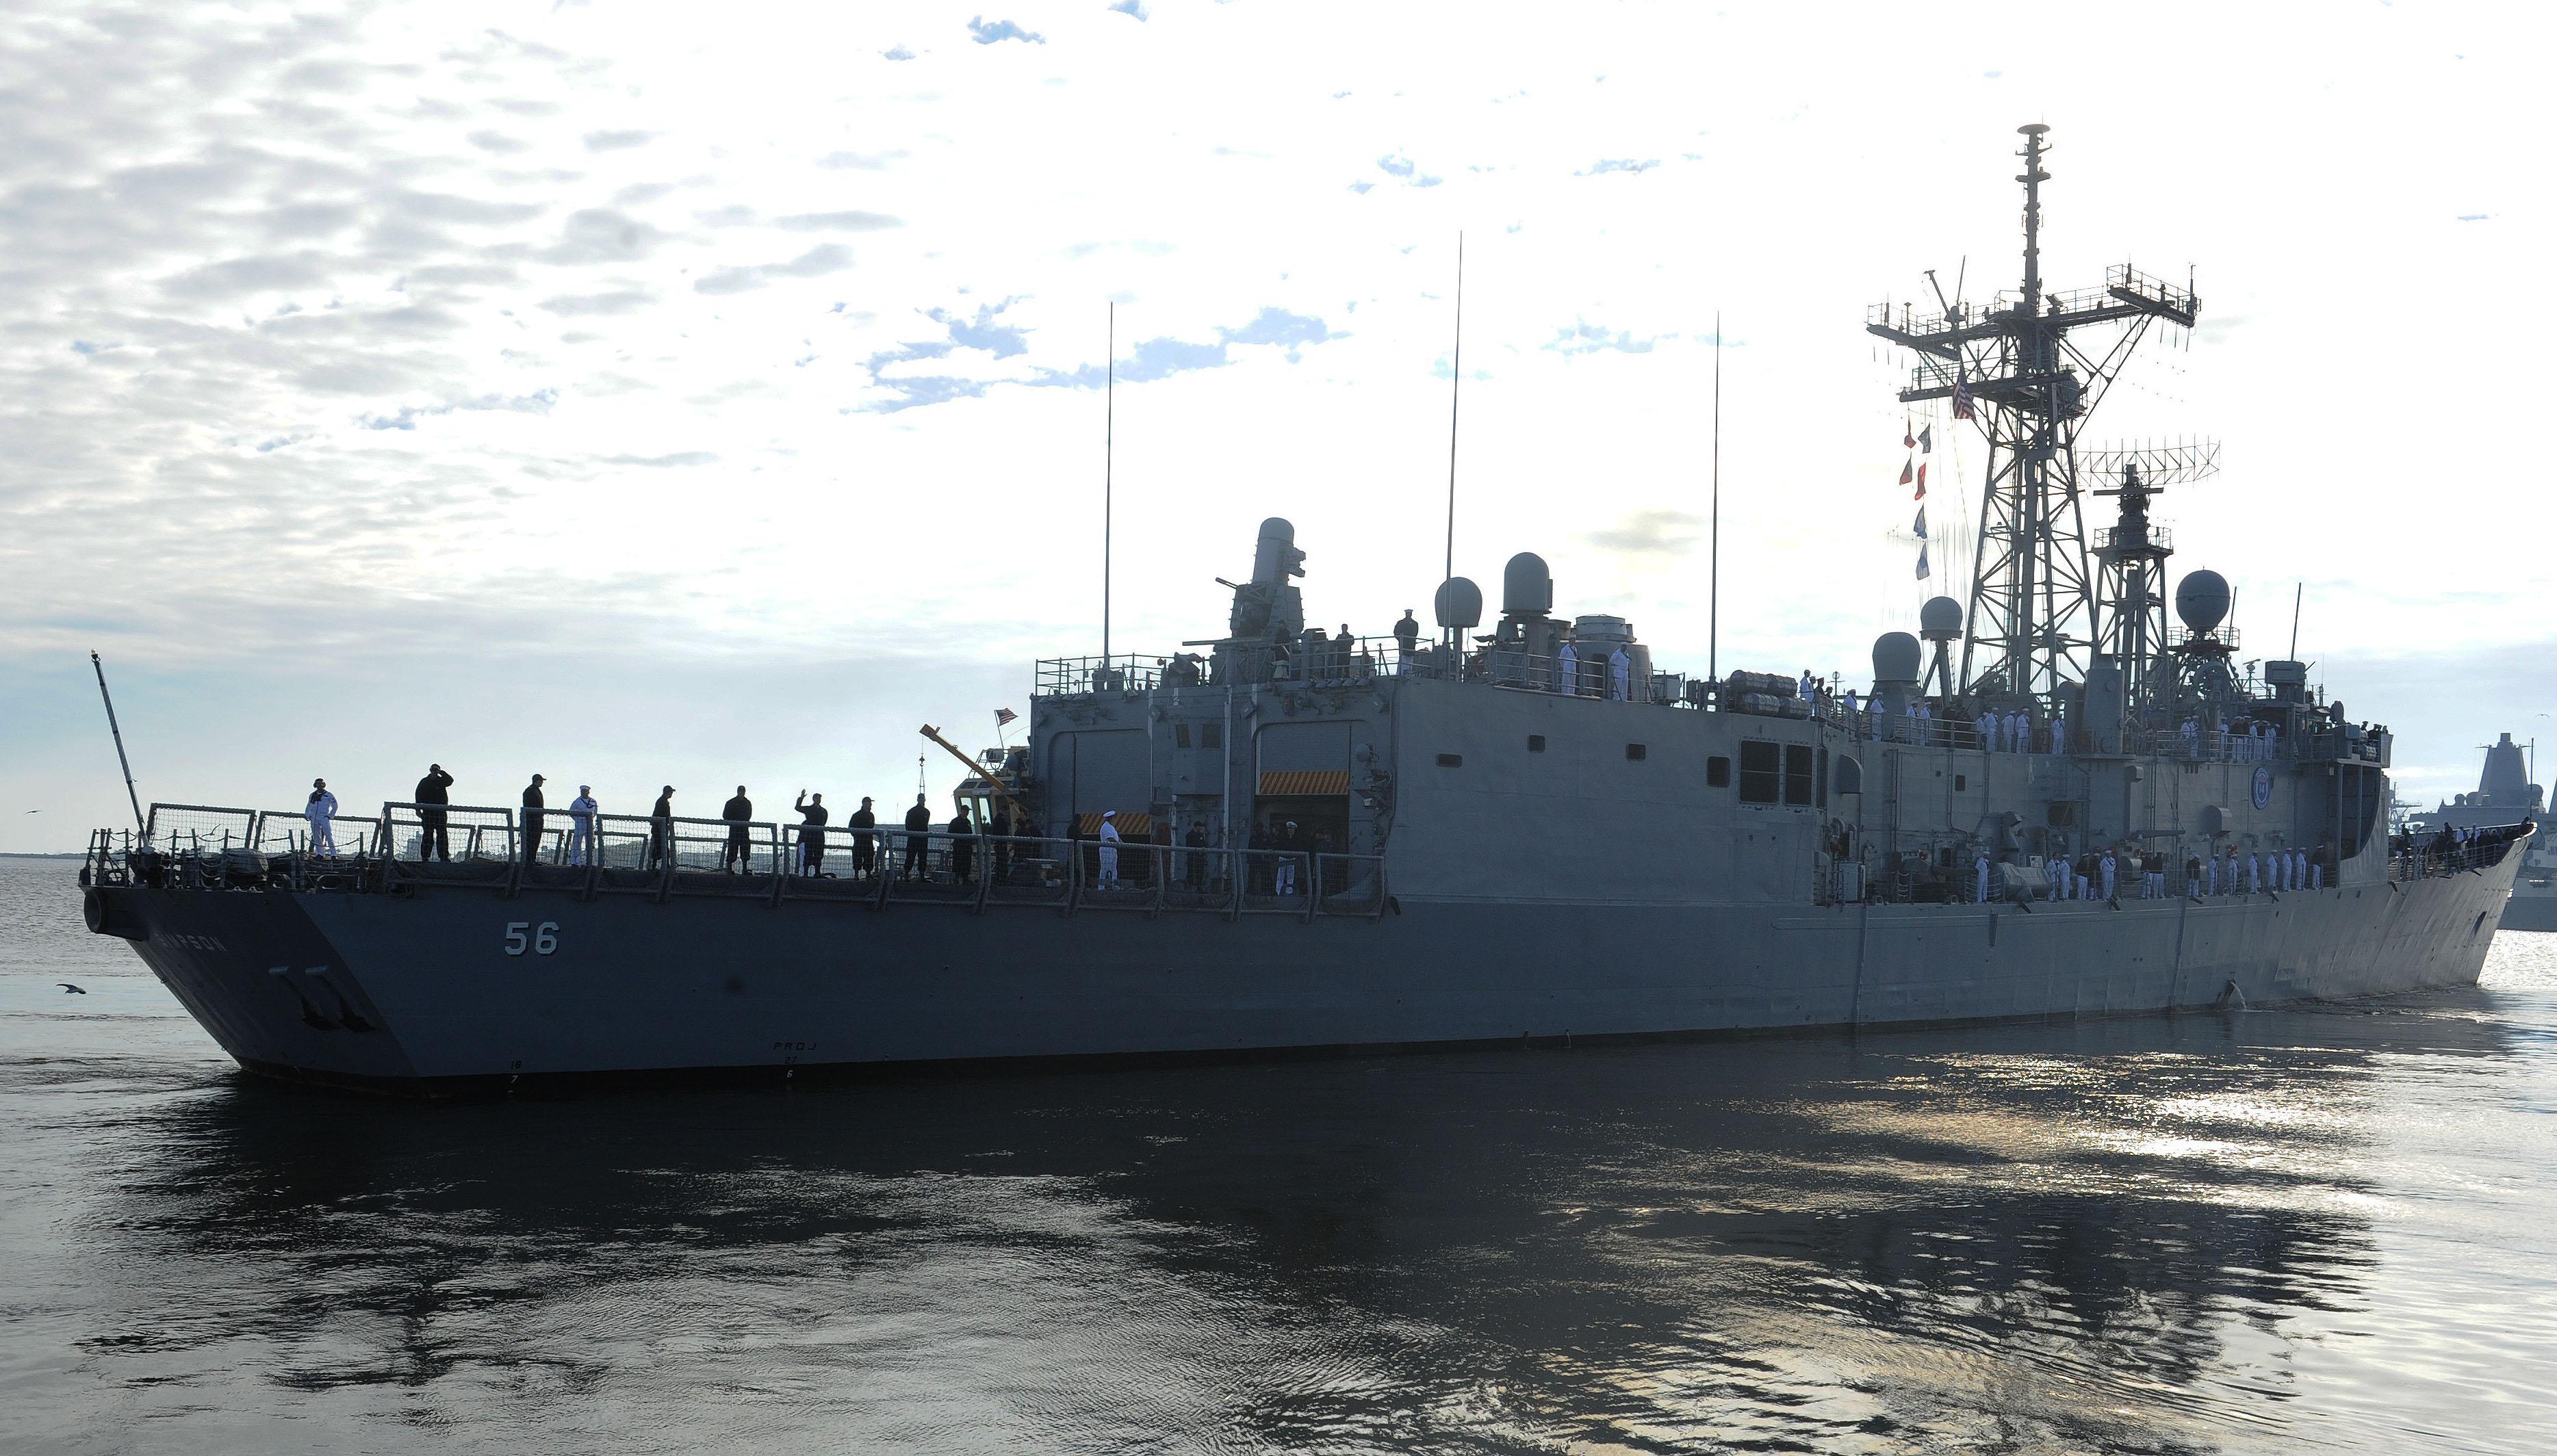 USS SIMPSON FFG-56 Auslaufen Mayport am 13.11.2014 Bild: U.S. Navy